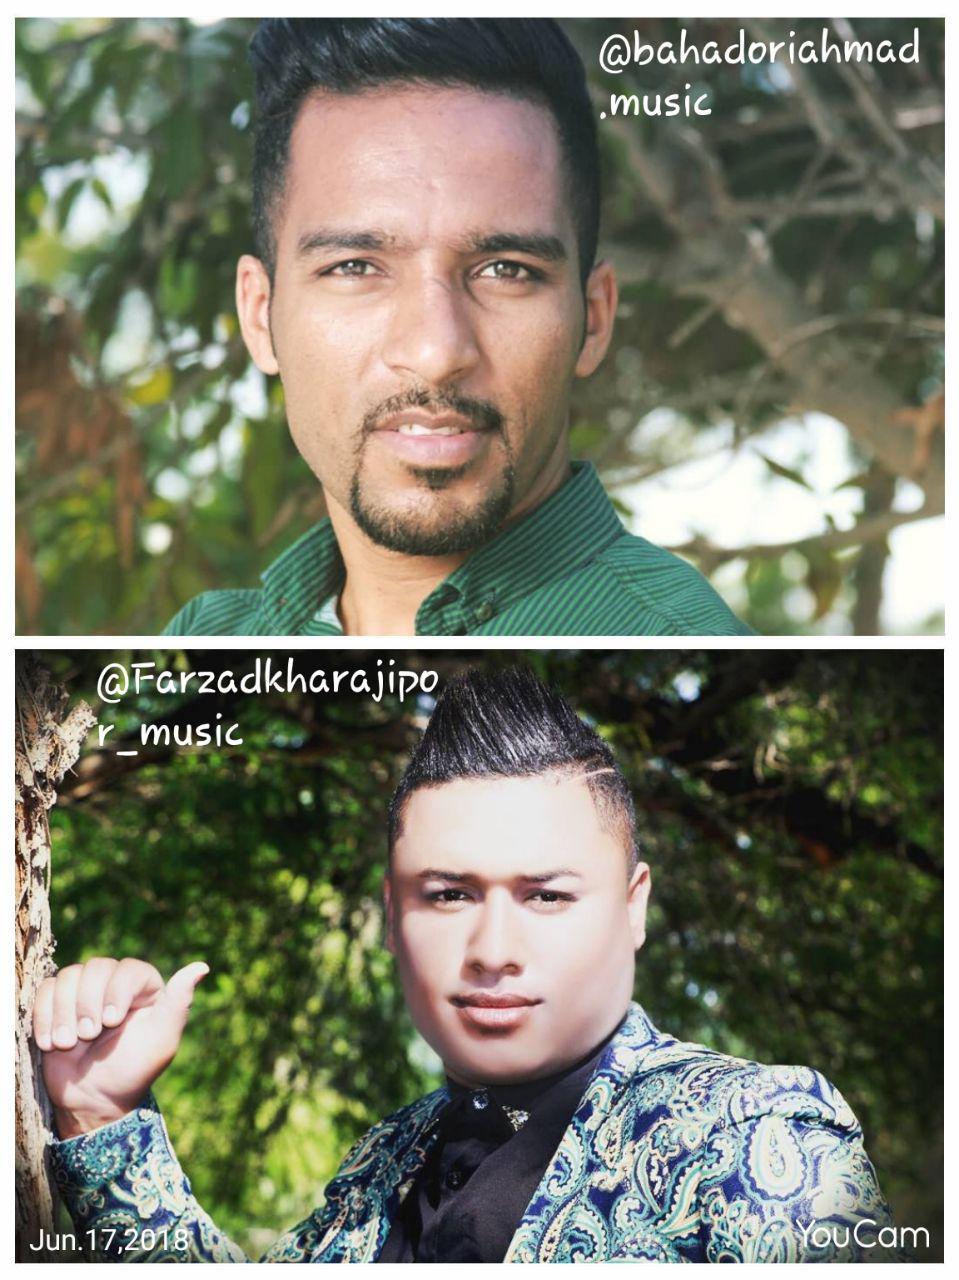 فرزاد خراجی پور و احمد بهادری آهنگ جدید و بسیار زیبا و شنیدنی  بصورت حفله